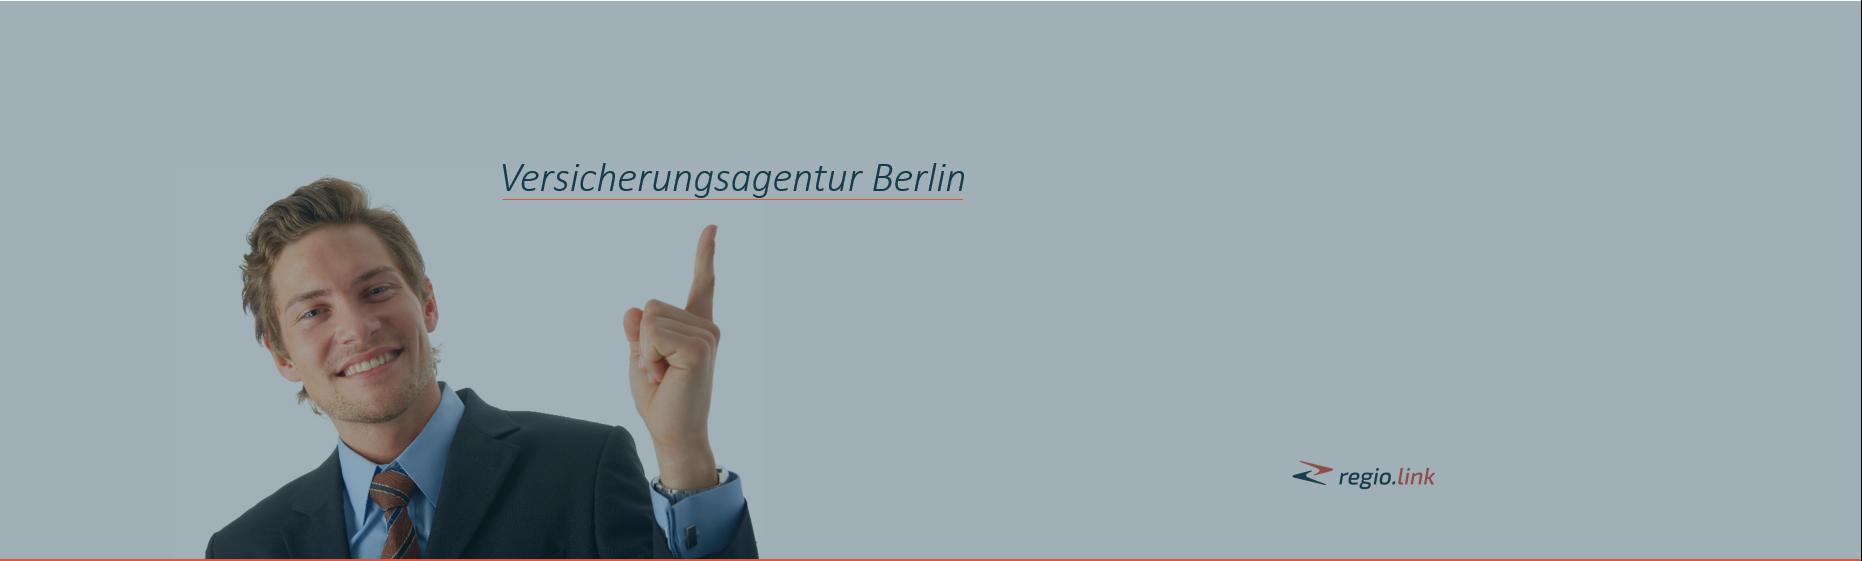 Versicherungsagentur Berlin regio.link